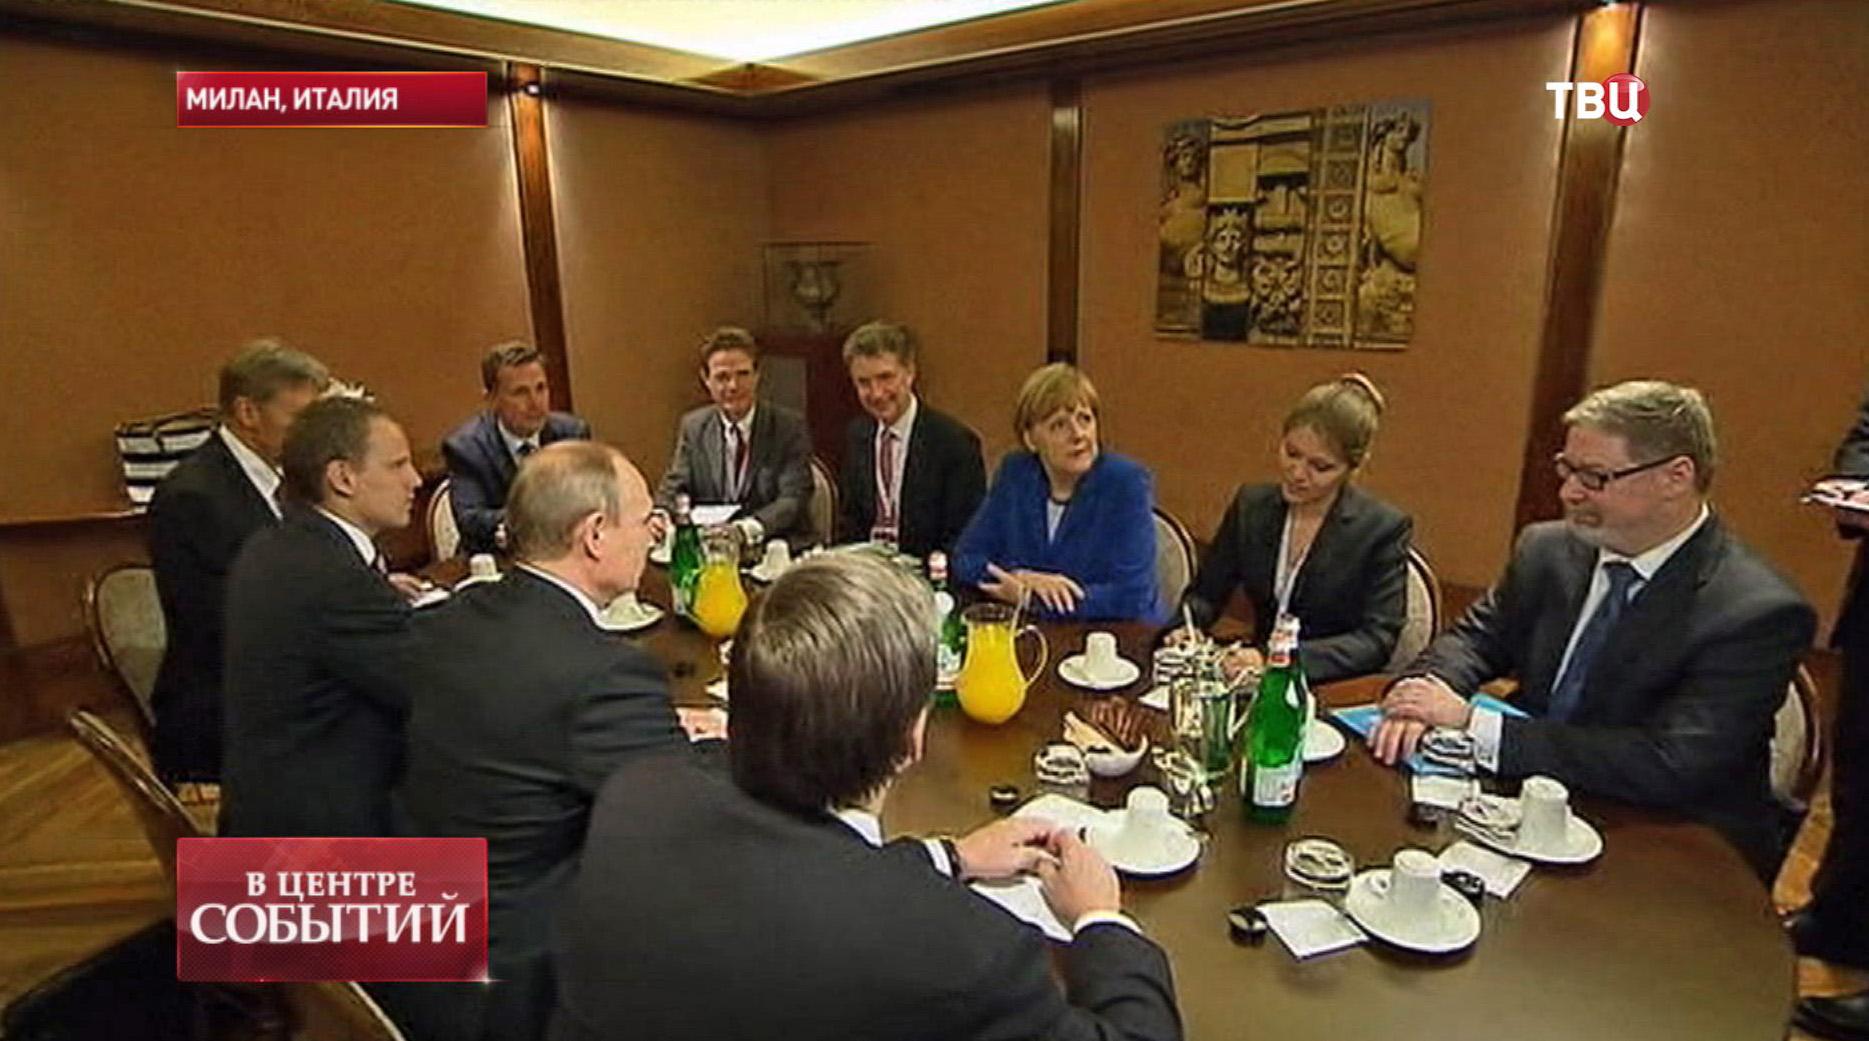 Встреча президента России Владимира Путина с Президентом Украины Петром Порошенко, Федеральным канцлером Германии Ангелой Меркель и Президентом Франции Франсуа Олландом